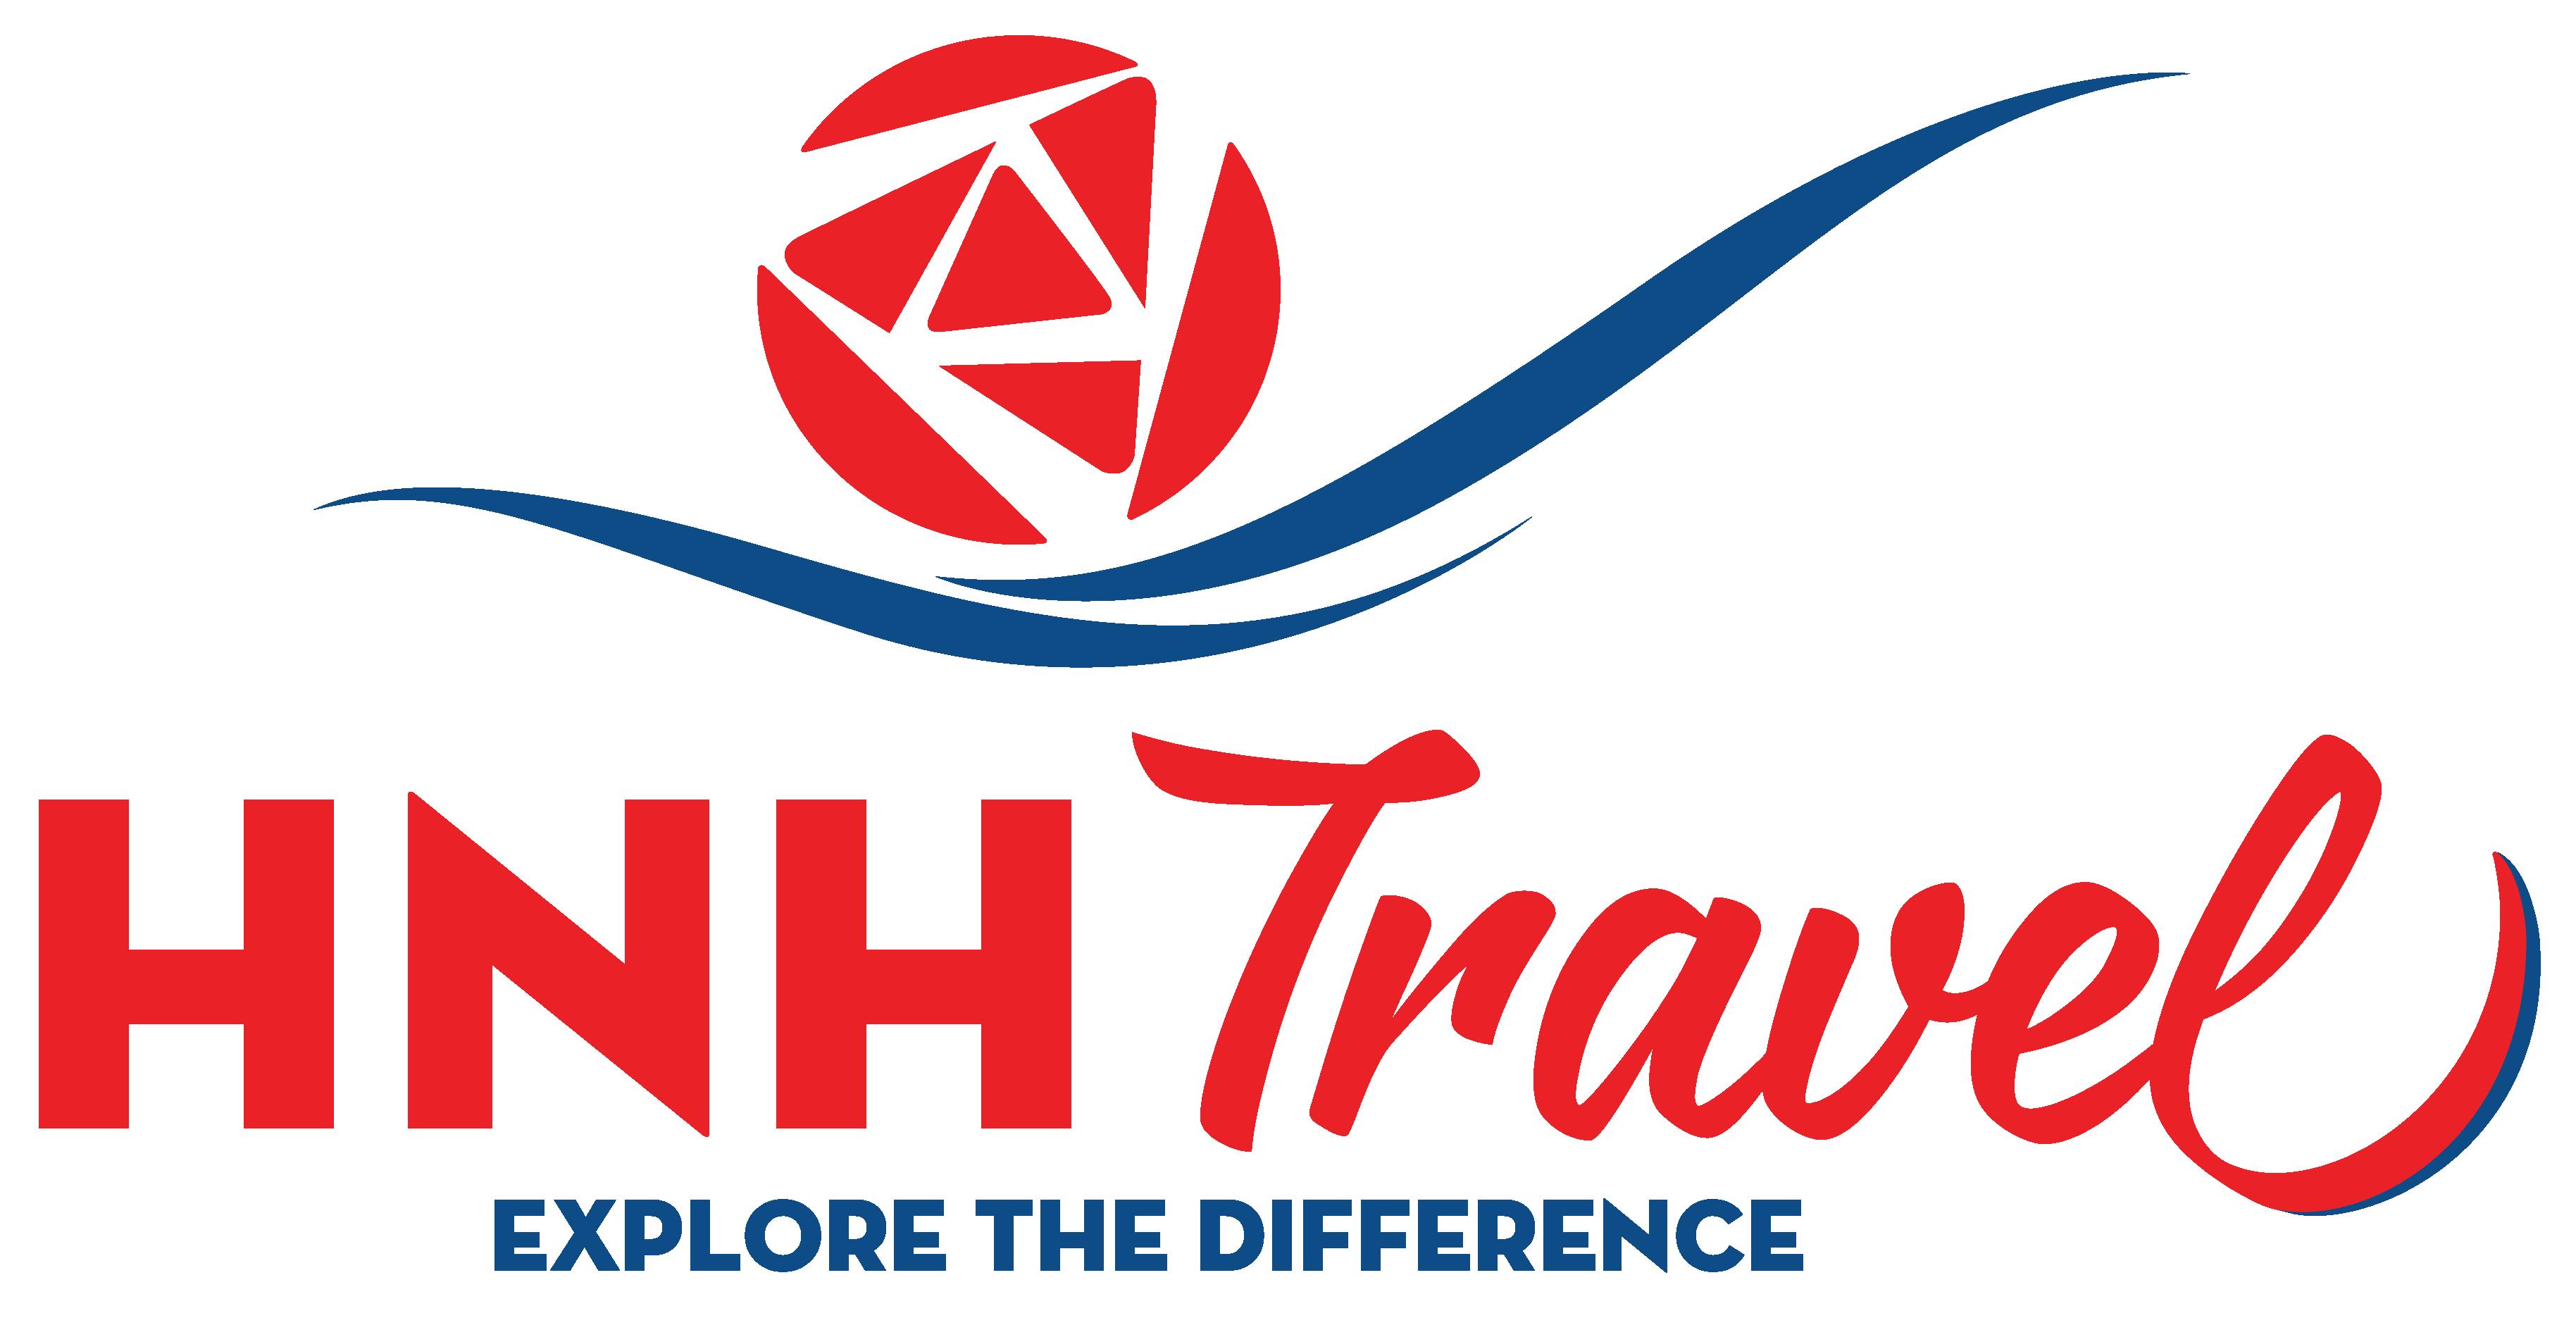 HNH Travel